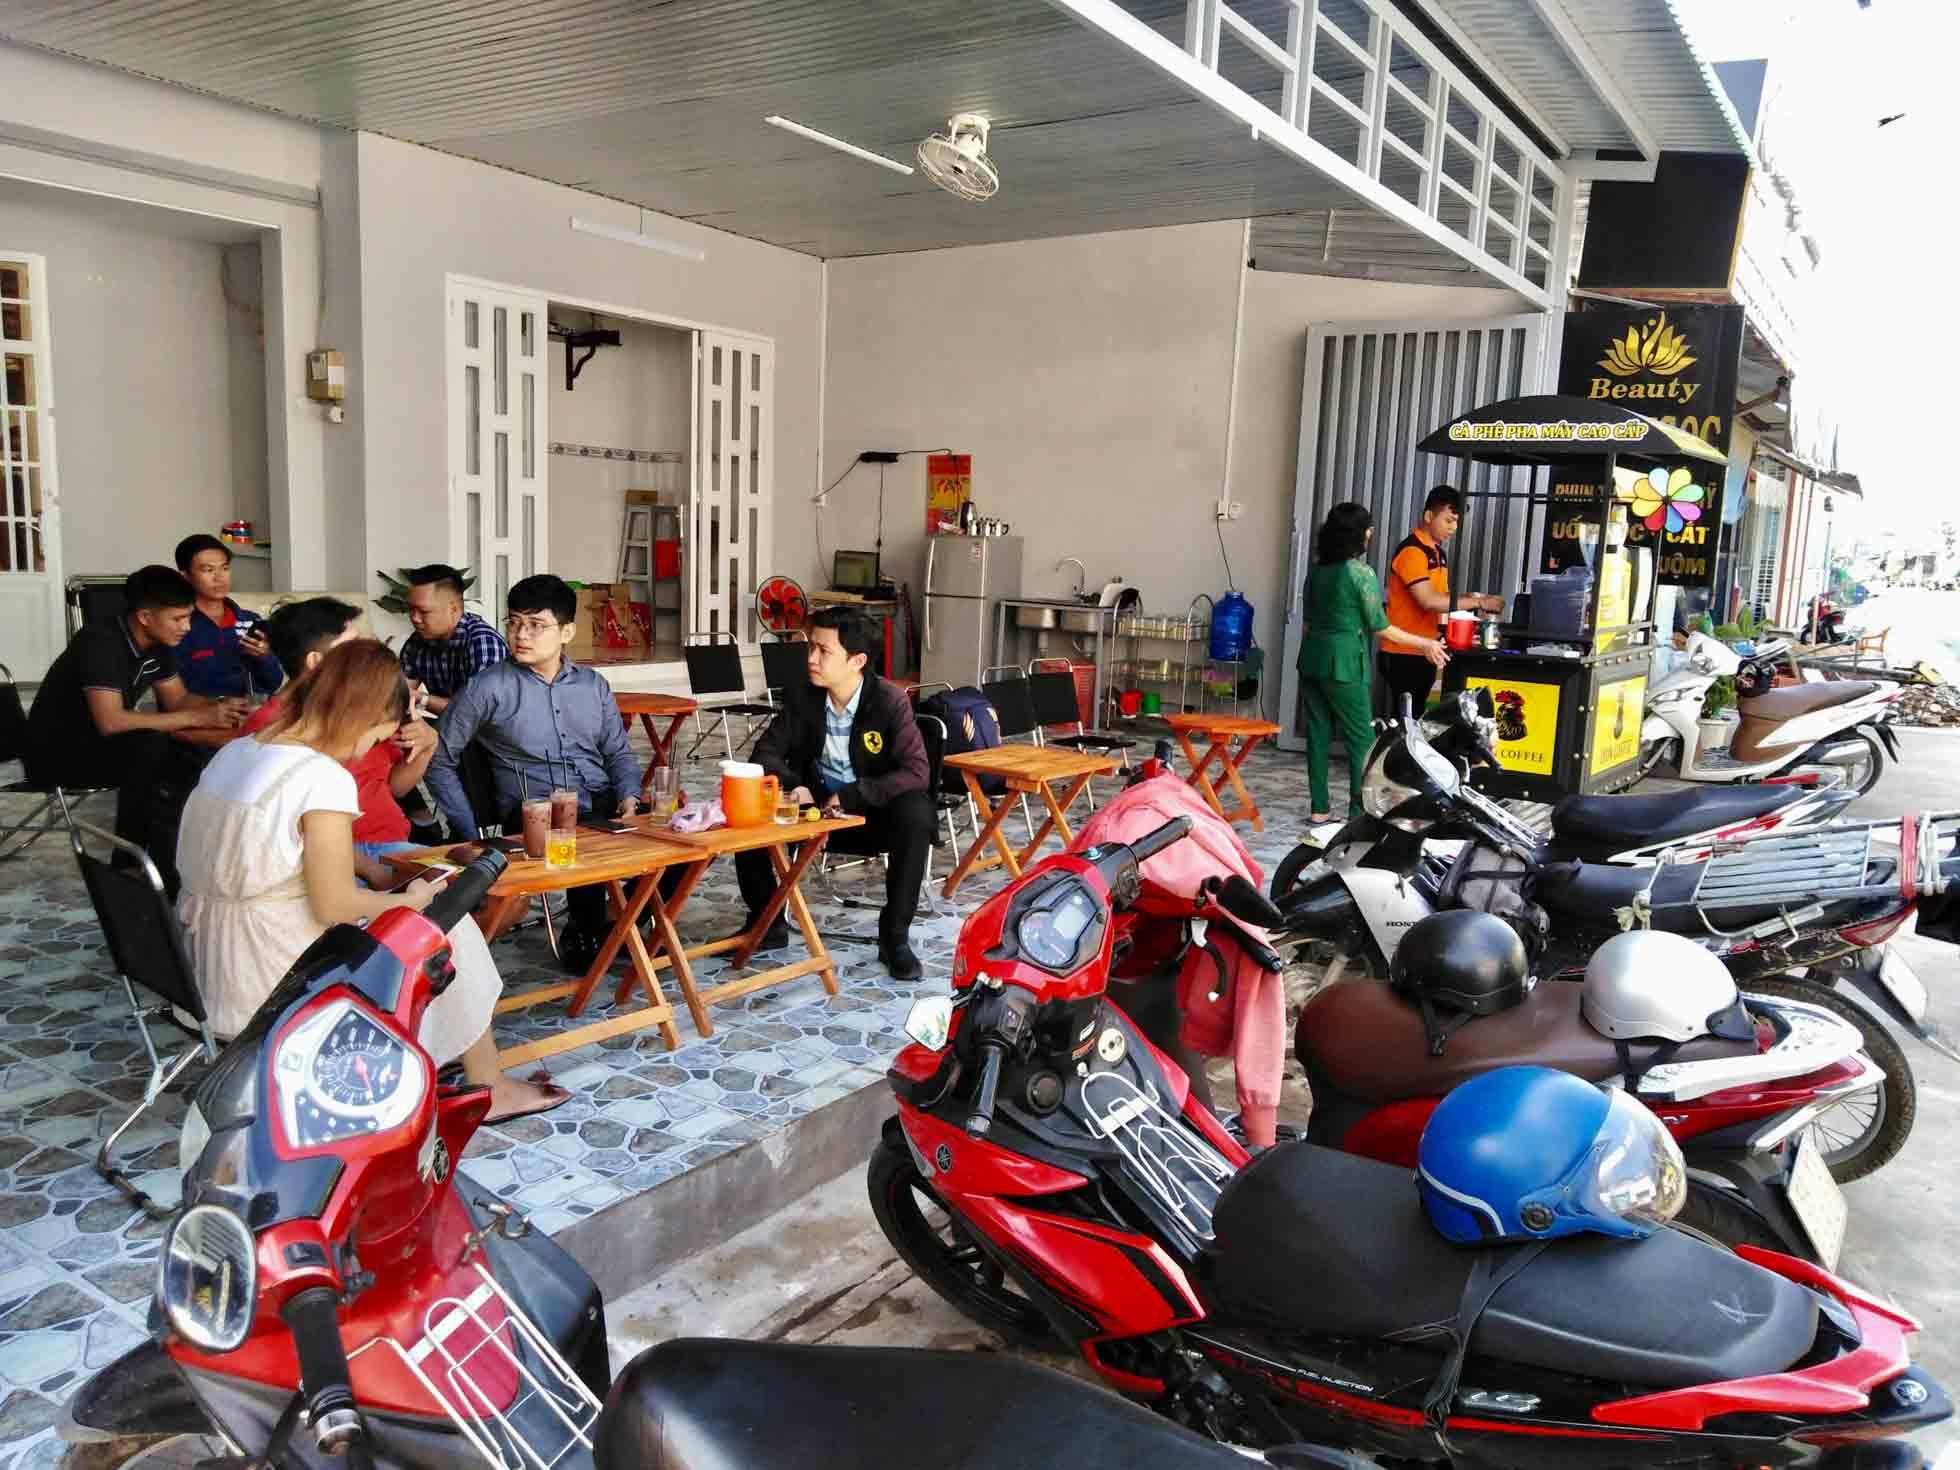 Chi phí đầu tư thấp khi thuê xe bán cafe